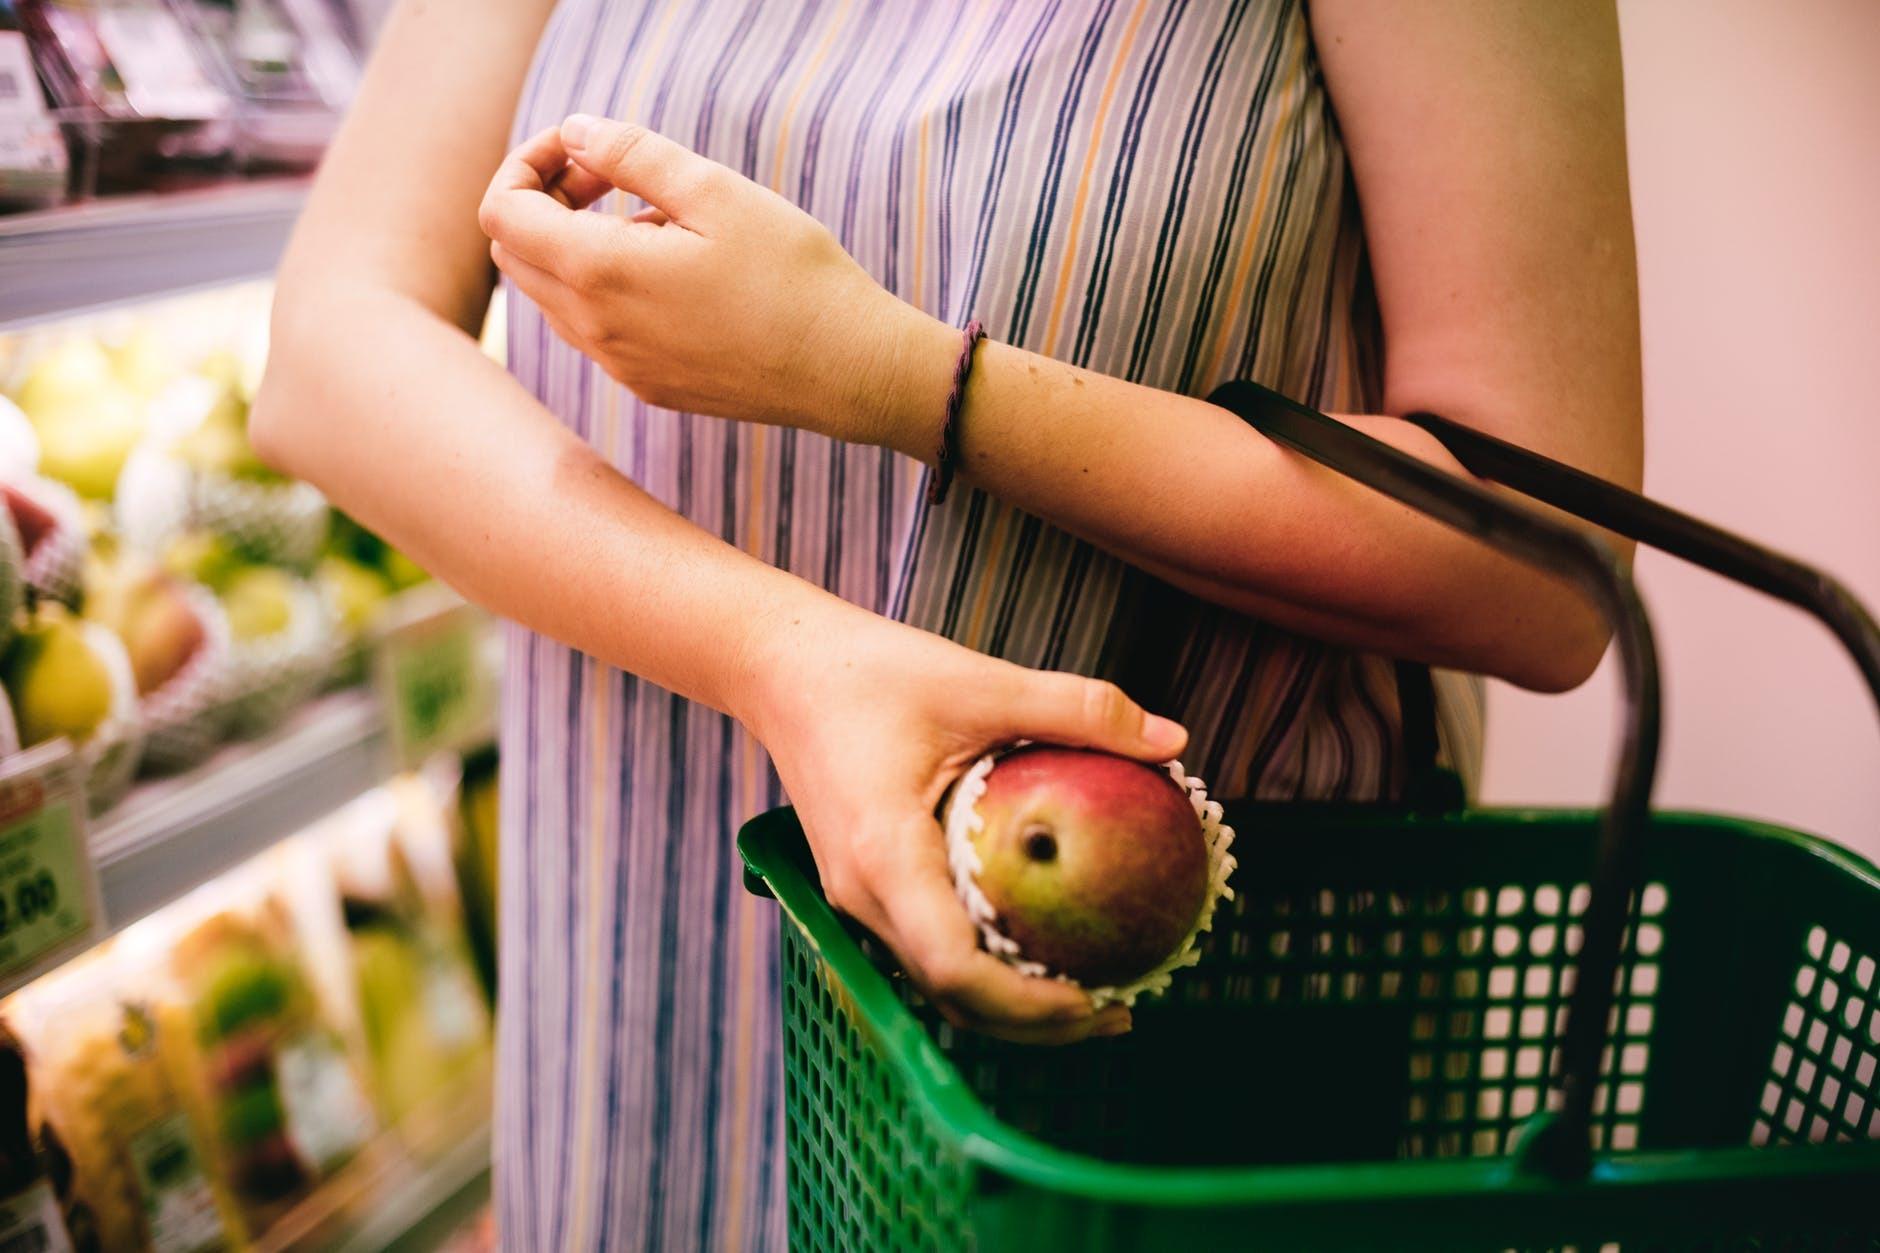 資訊傳遞快、消費反而慢?數位時代的消費者新面貌